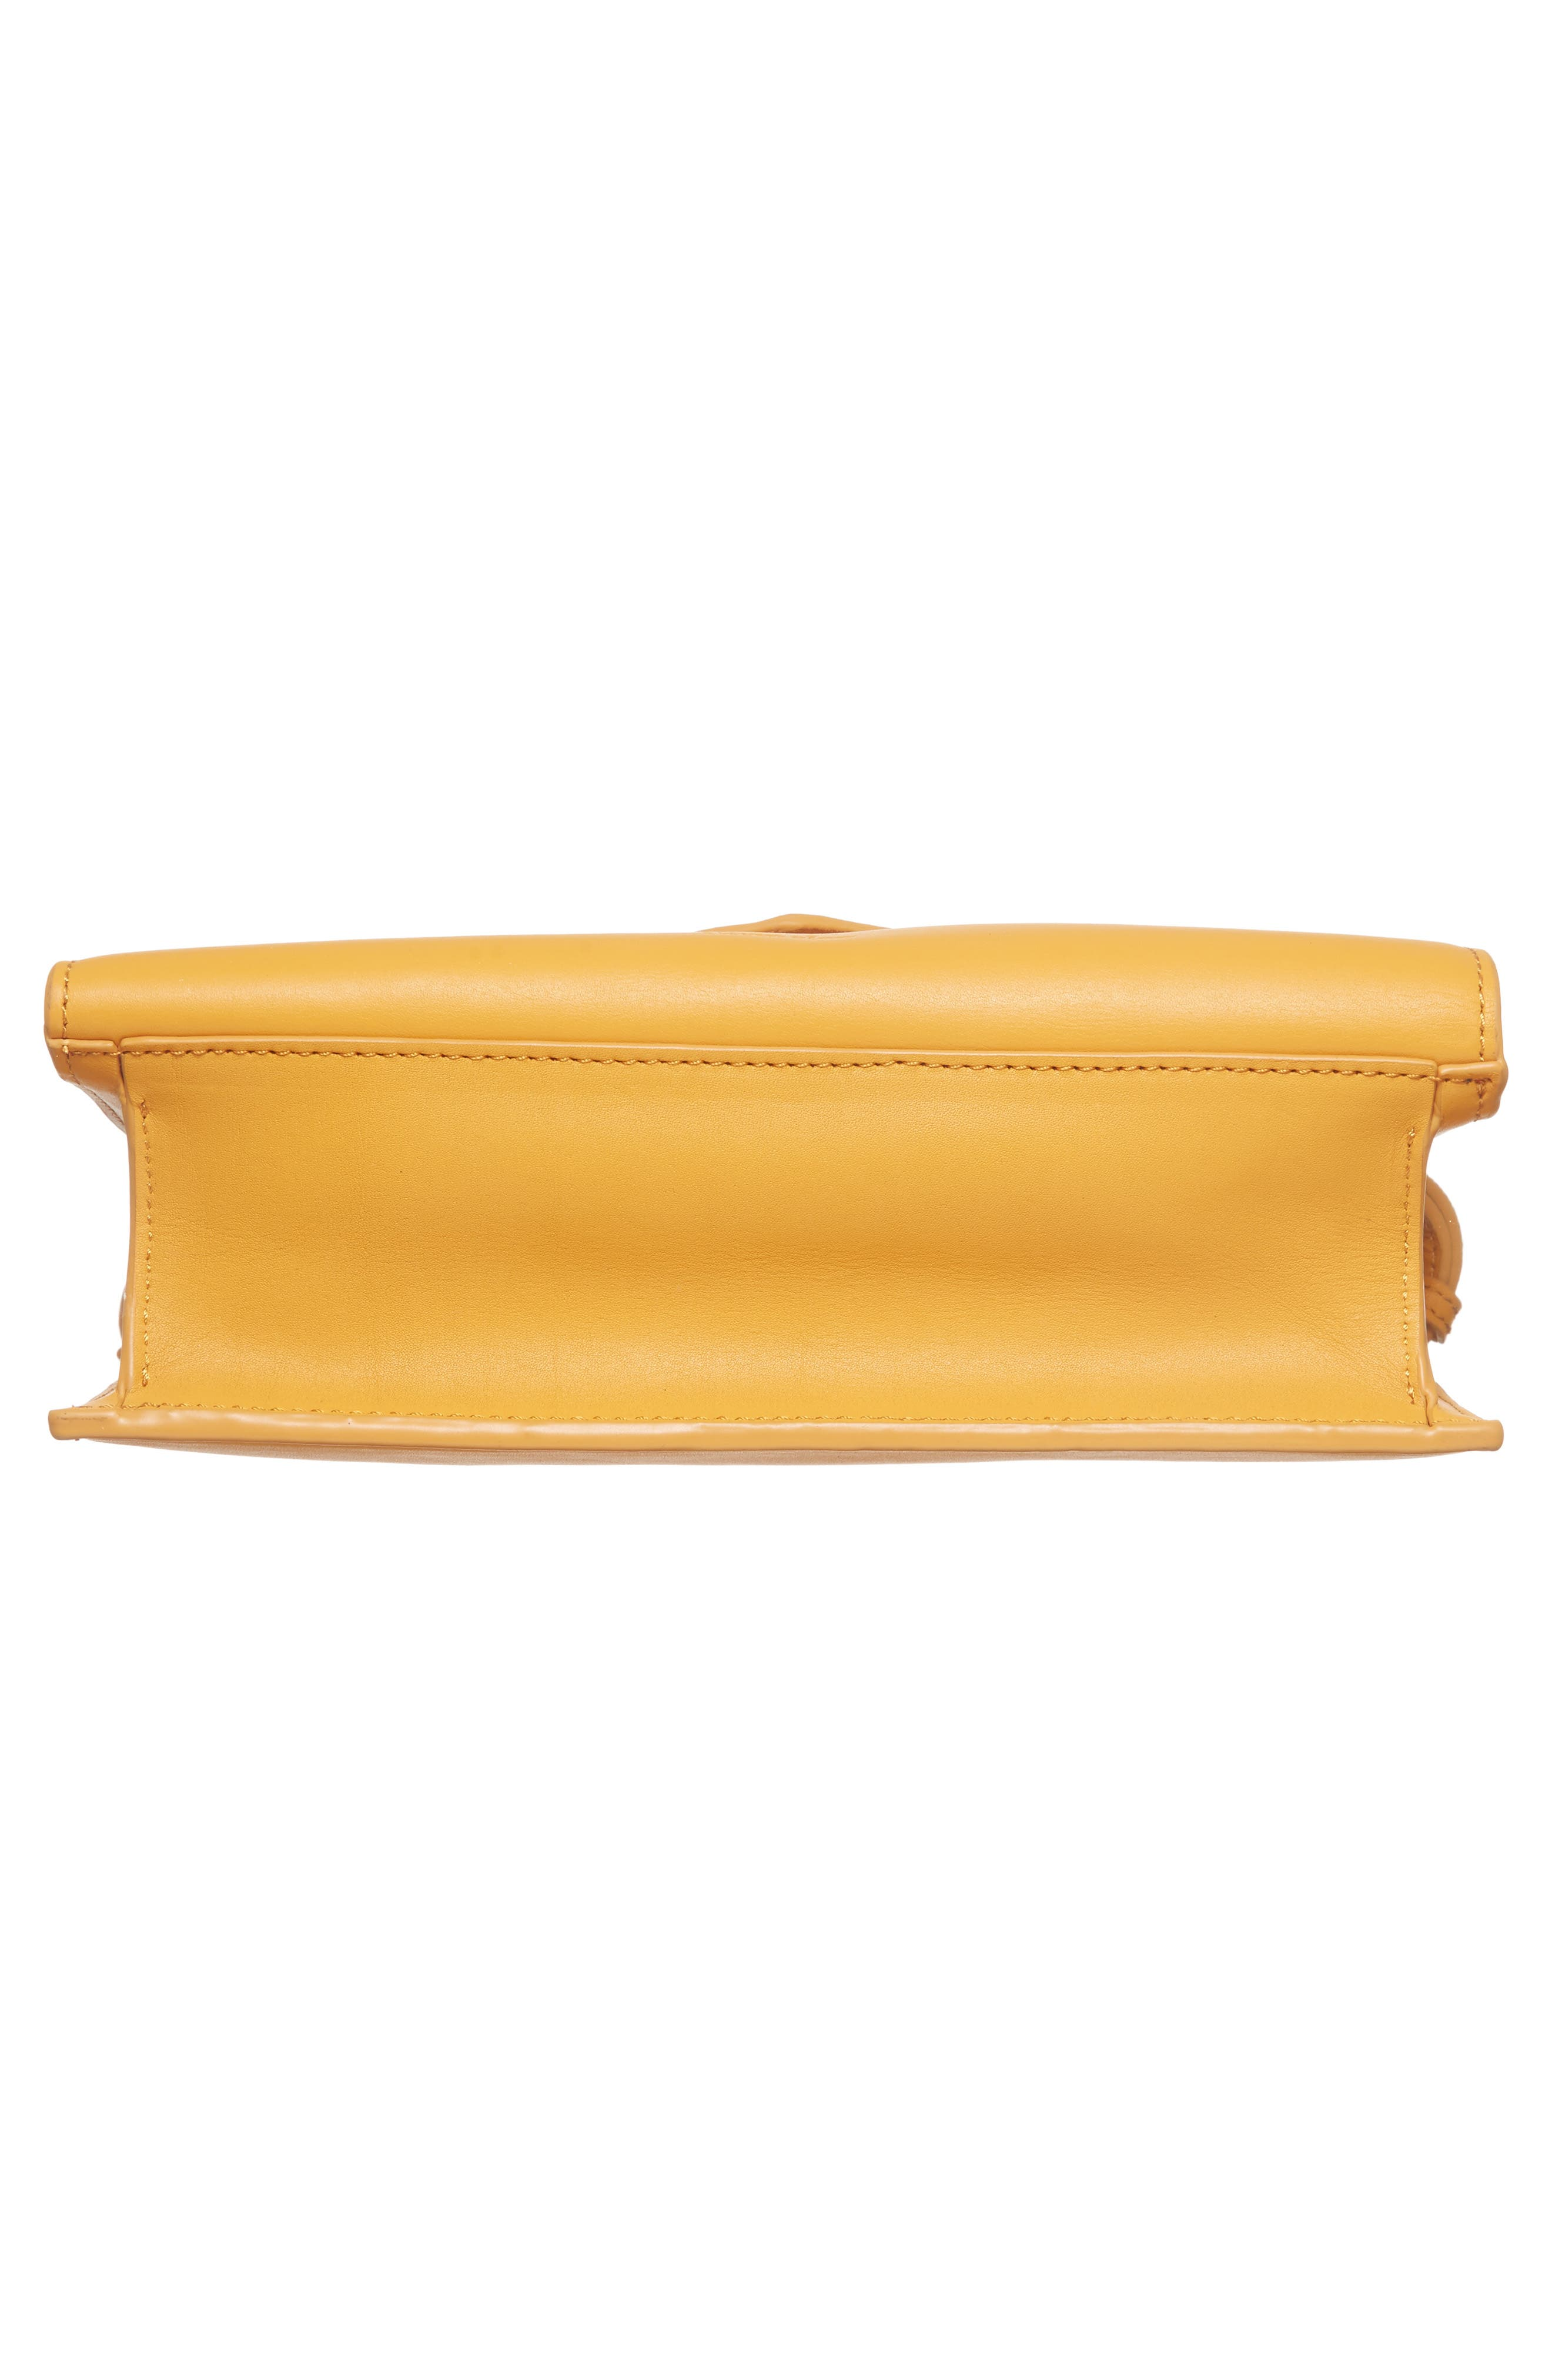 Easton Leather Envelope Crossbody Bag,                             Alternate thumbnail 6, color,                             Ochre